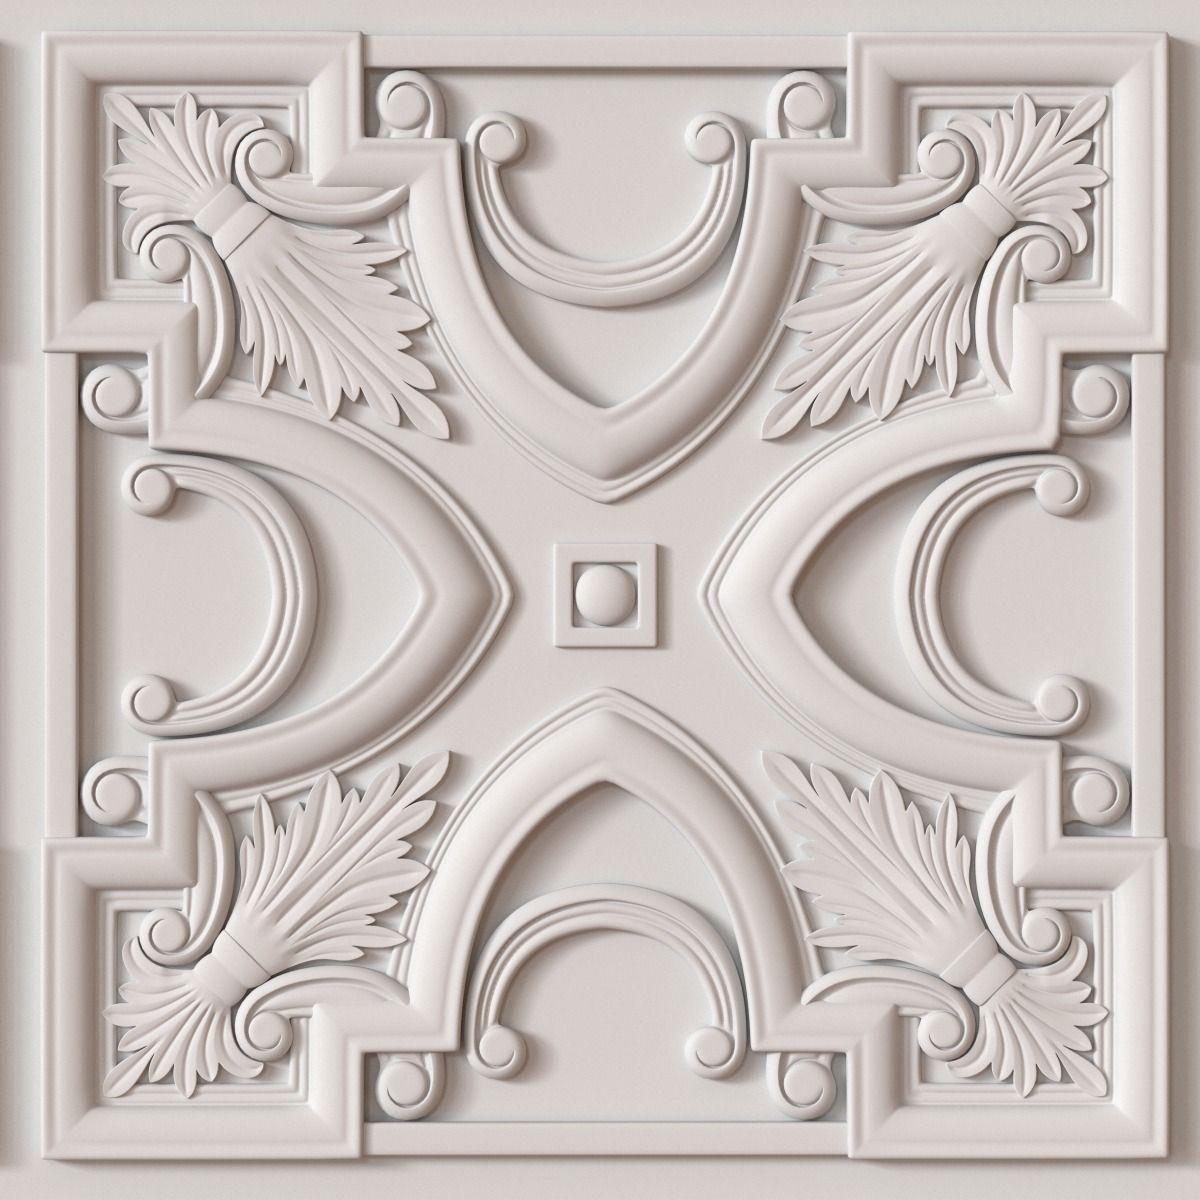 10 Decorative Ceiling Tile Collection 3d Model Obj 2